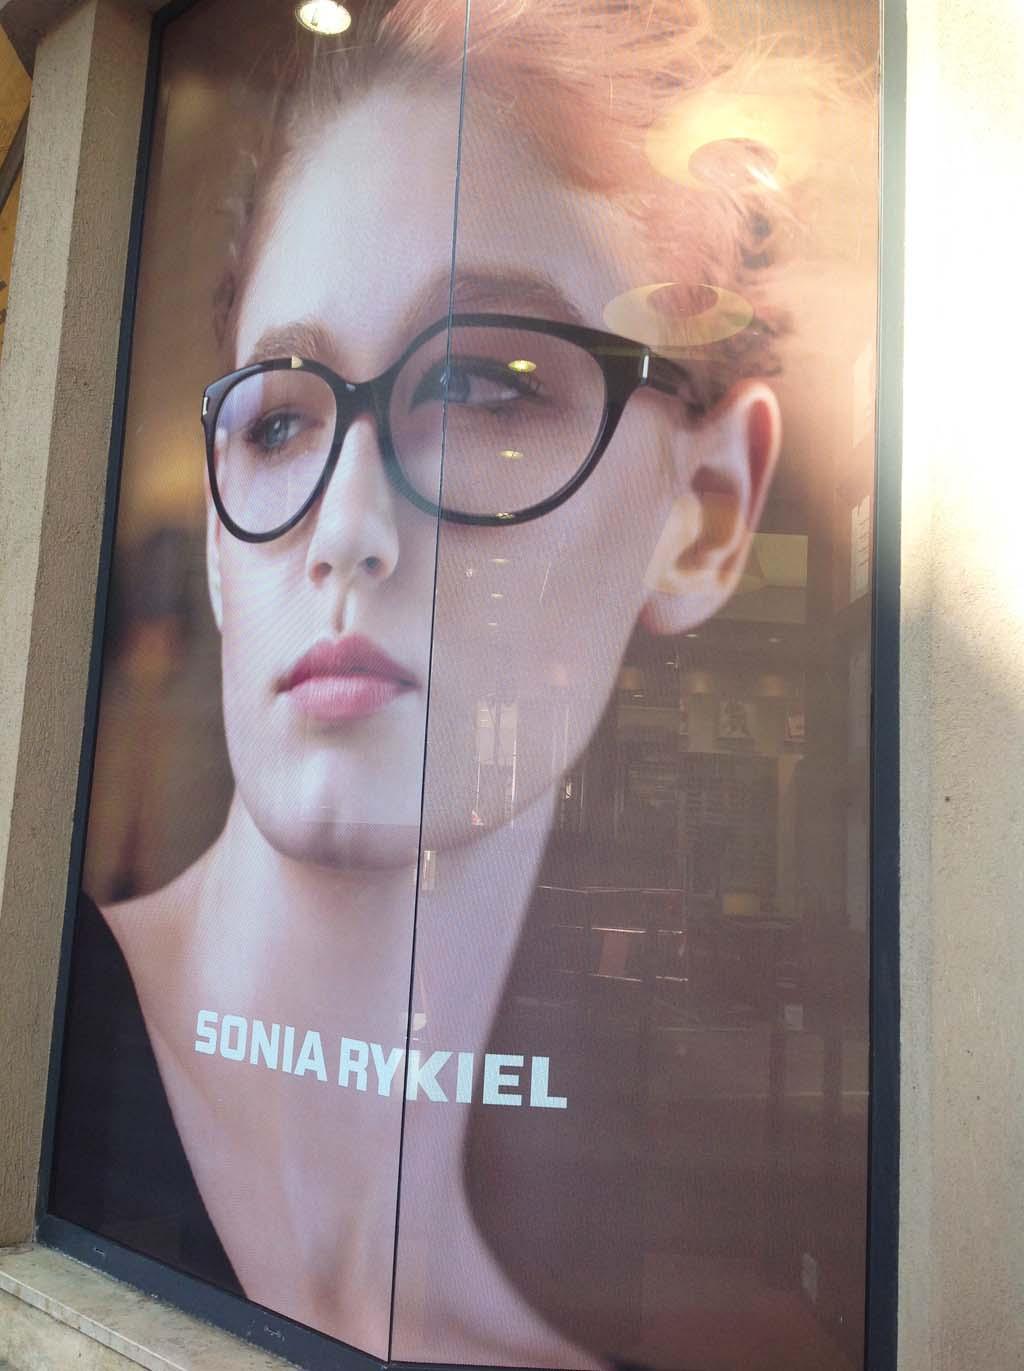 Décoration de vitrine promotionnelle en vinyle adhésif micro-perforé imprimé quadri chez l'opticien Maurice Frère à Nancy en Lorraine